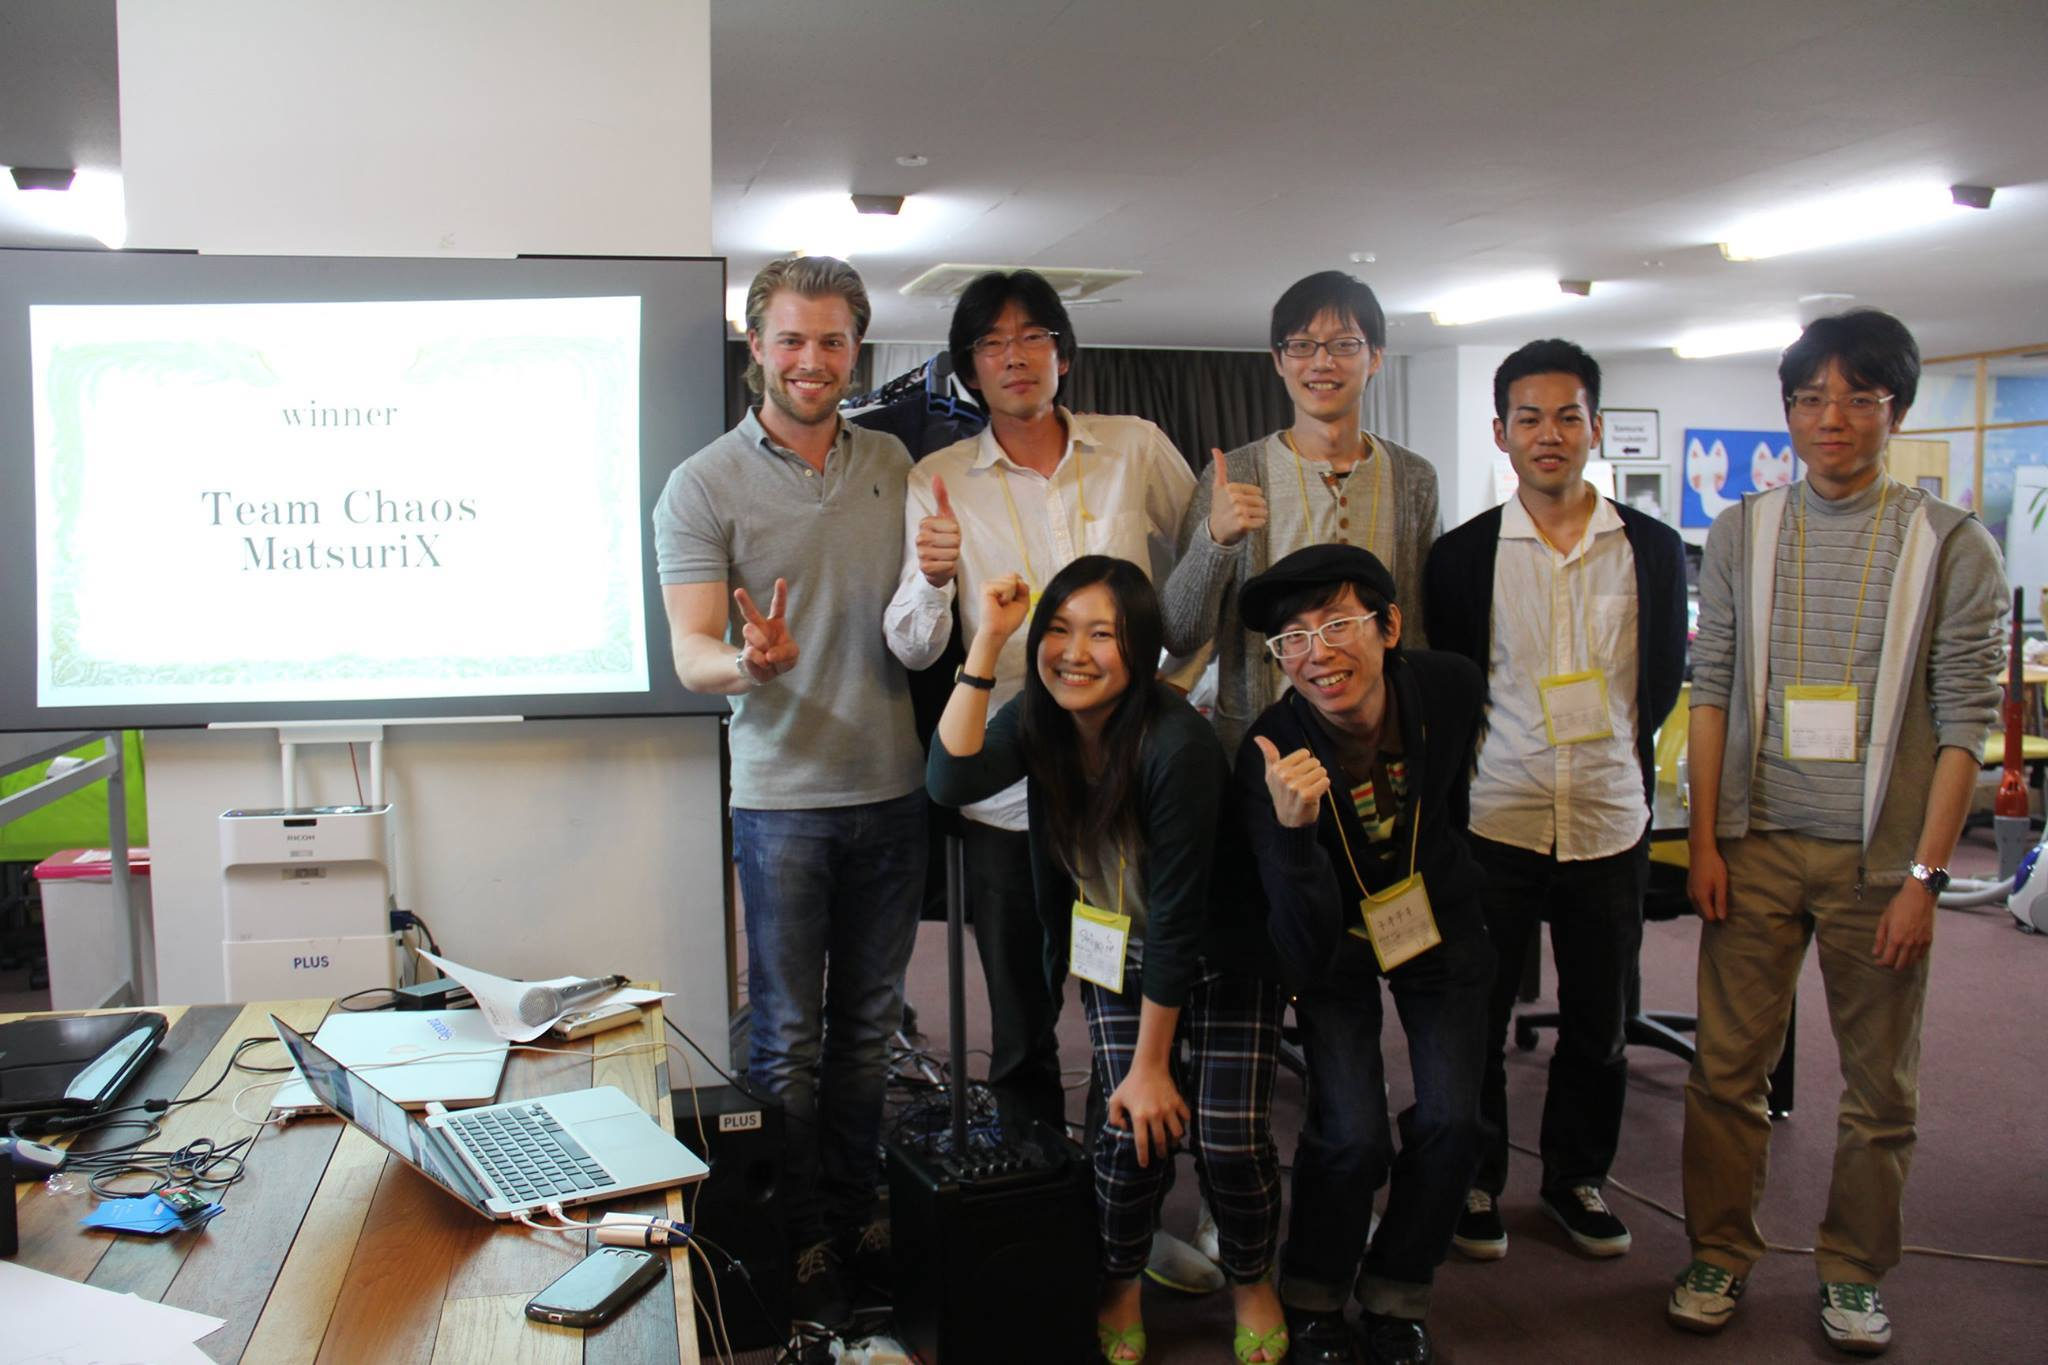 オープン投資プラットフォーム「tradable」によるハッカソンにて本学学生参加チームが優勝しました